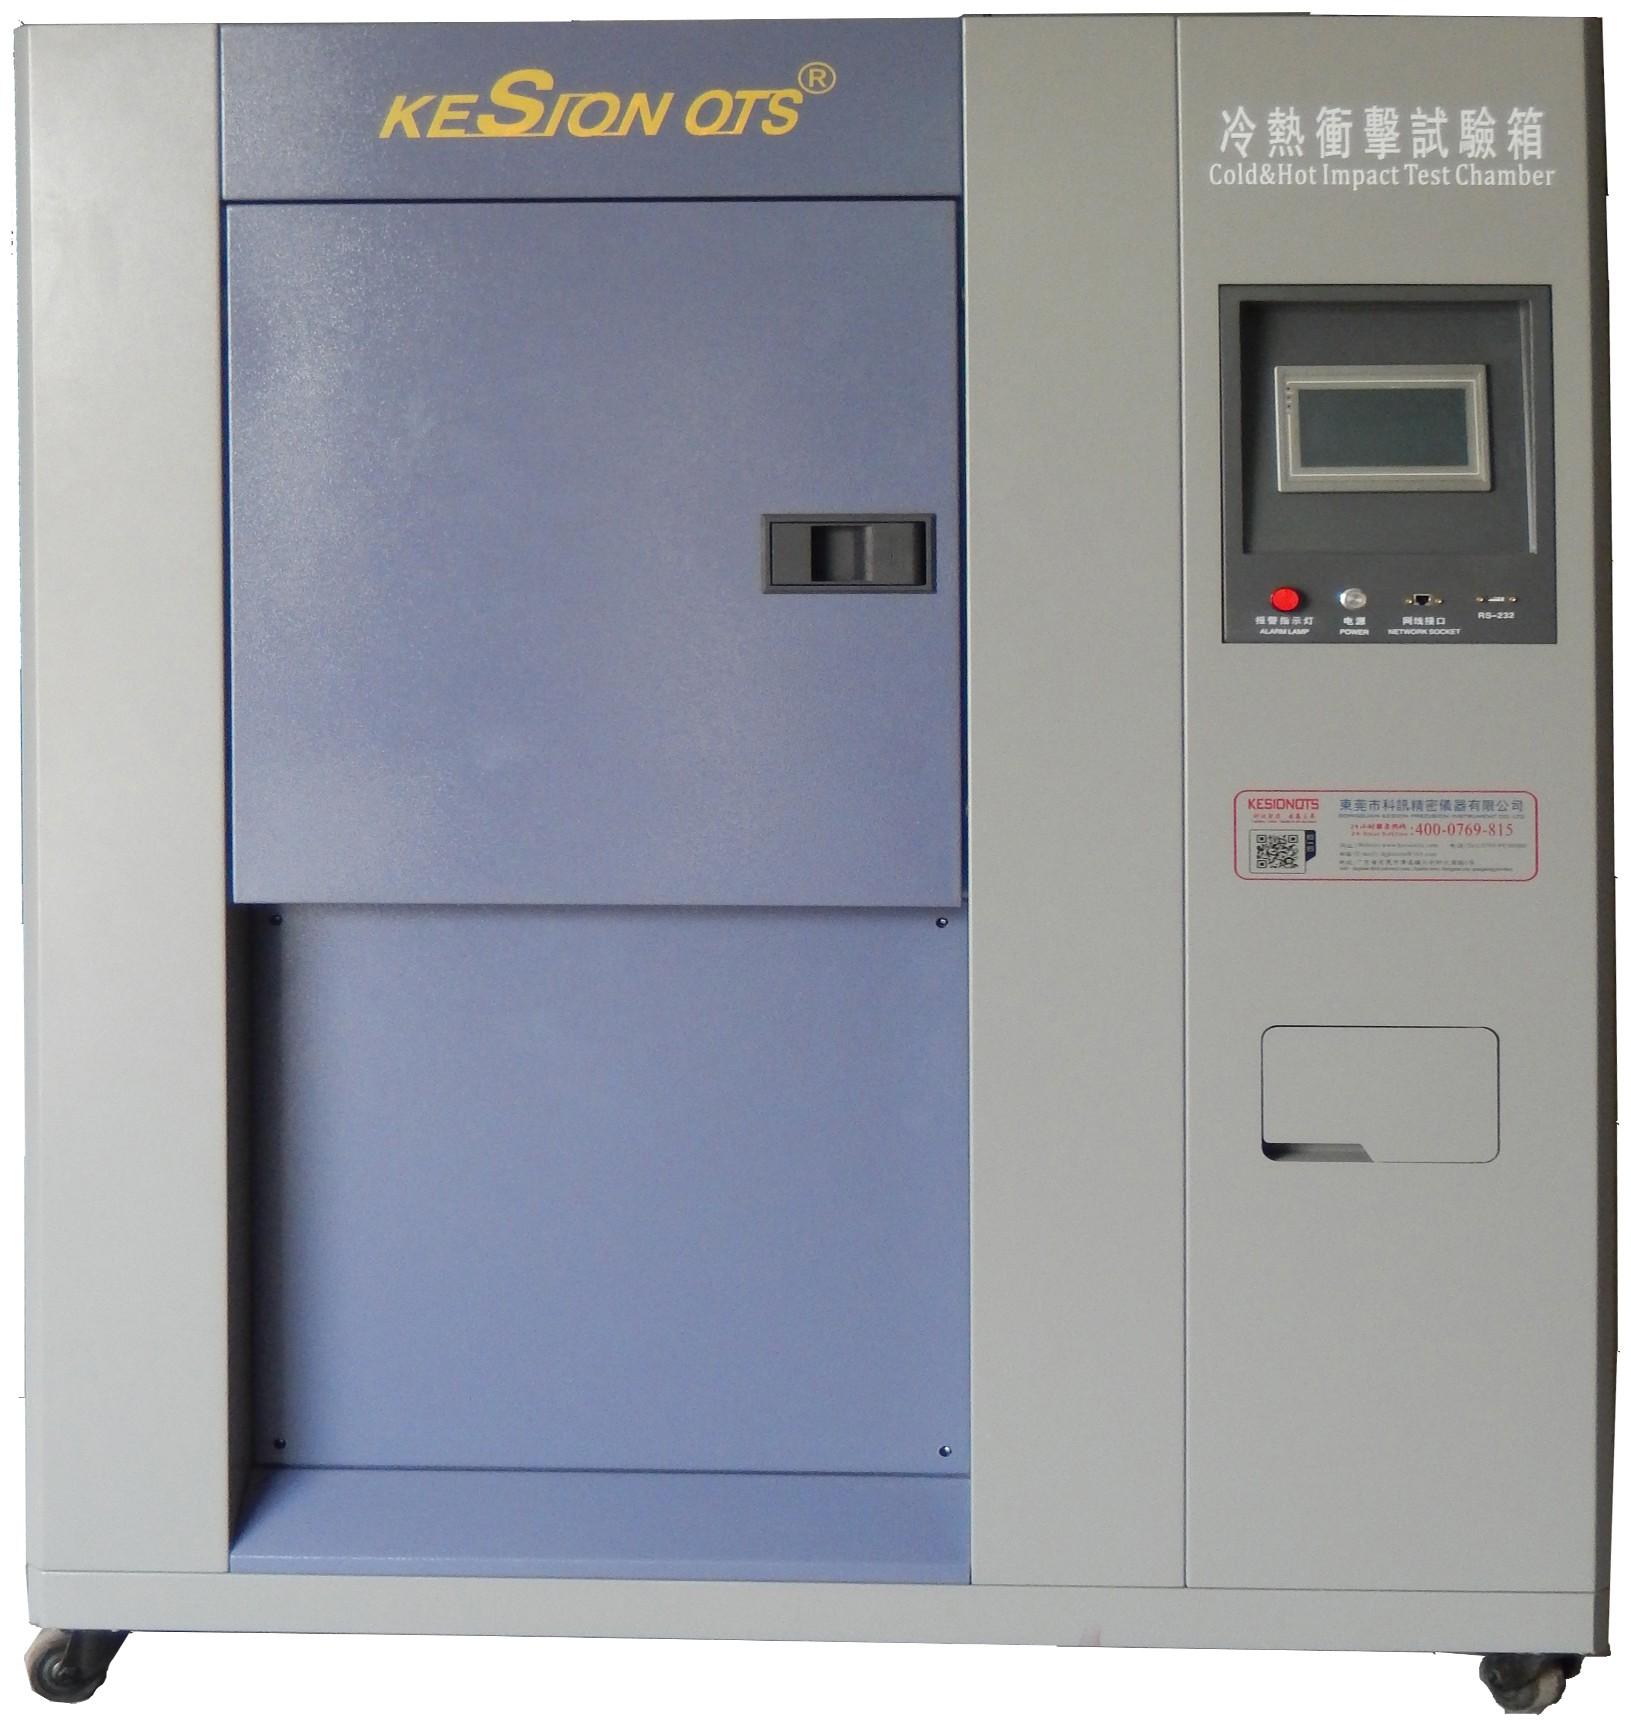 冷熱沖擊實驗箱